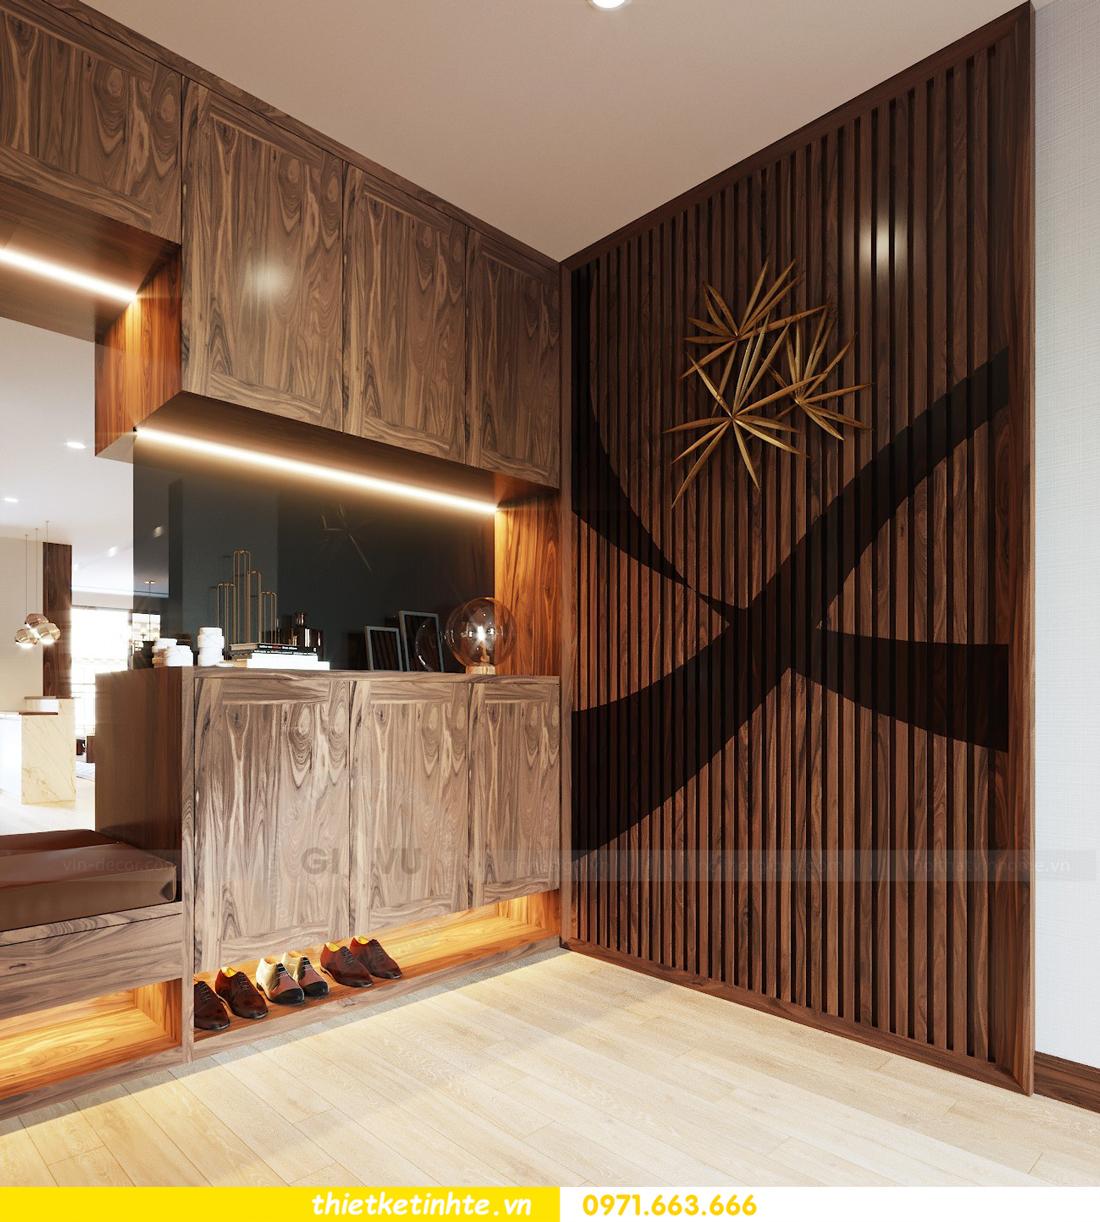 thiết kế nội thất căn hộ chung cư Metropolis tòa M2 căn 11 chú Minh 01